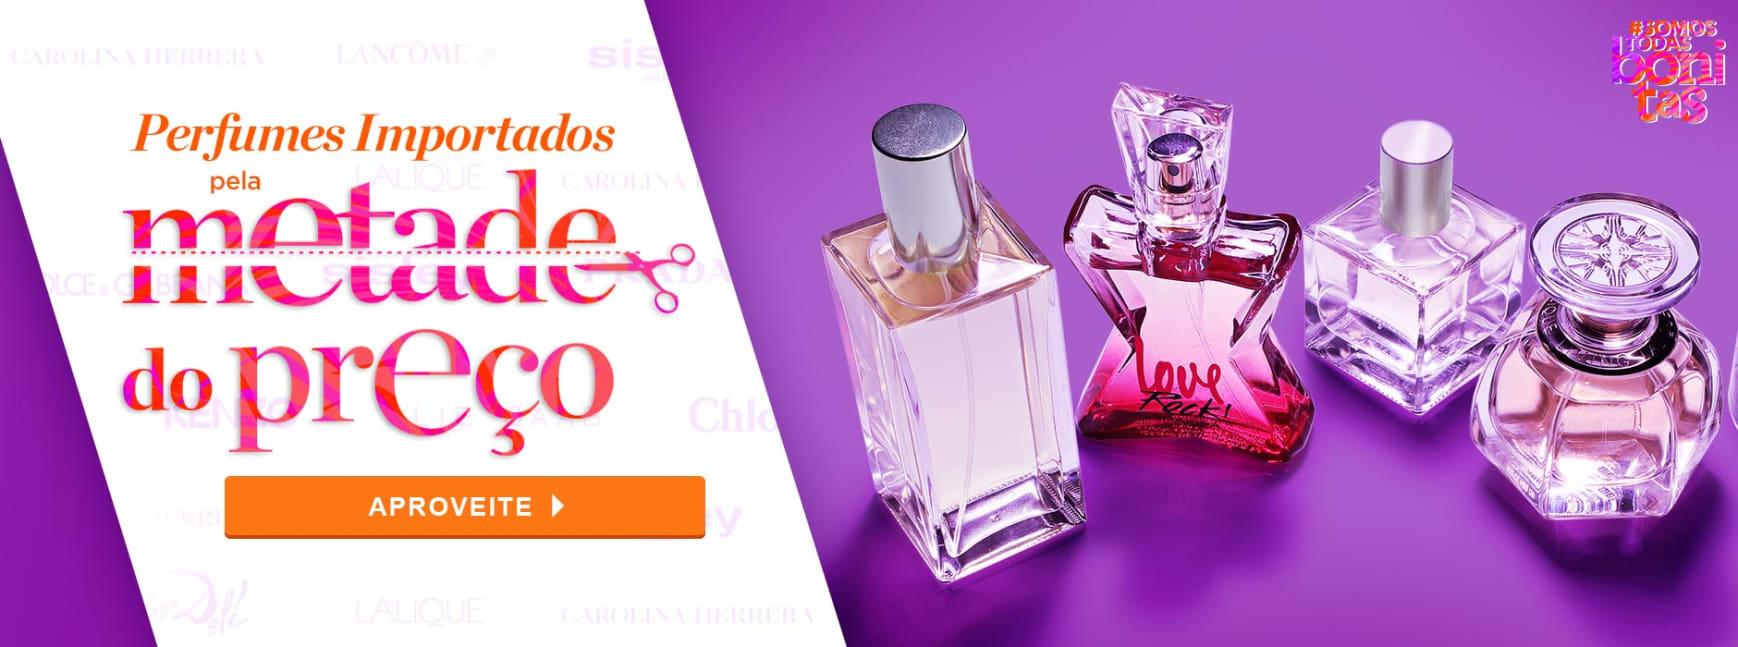 Perfumes: Importados pela Metade do Preço